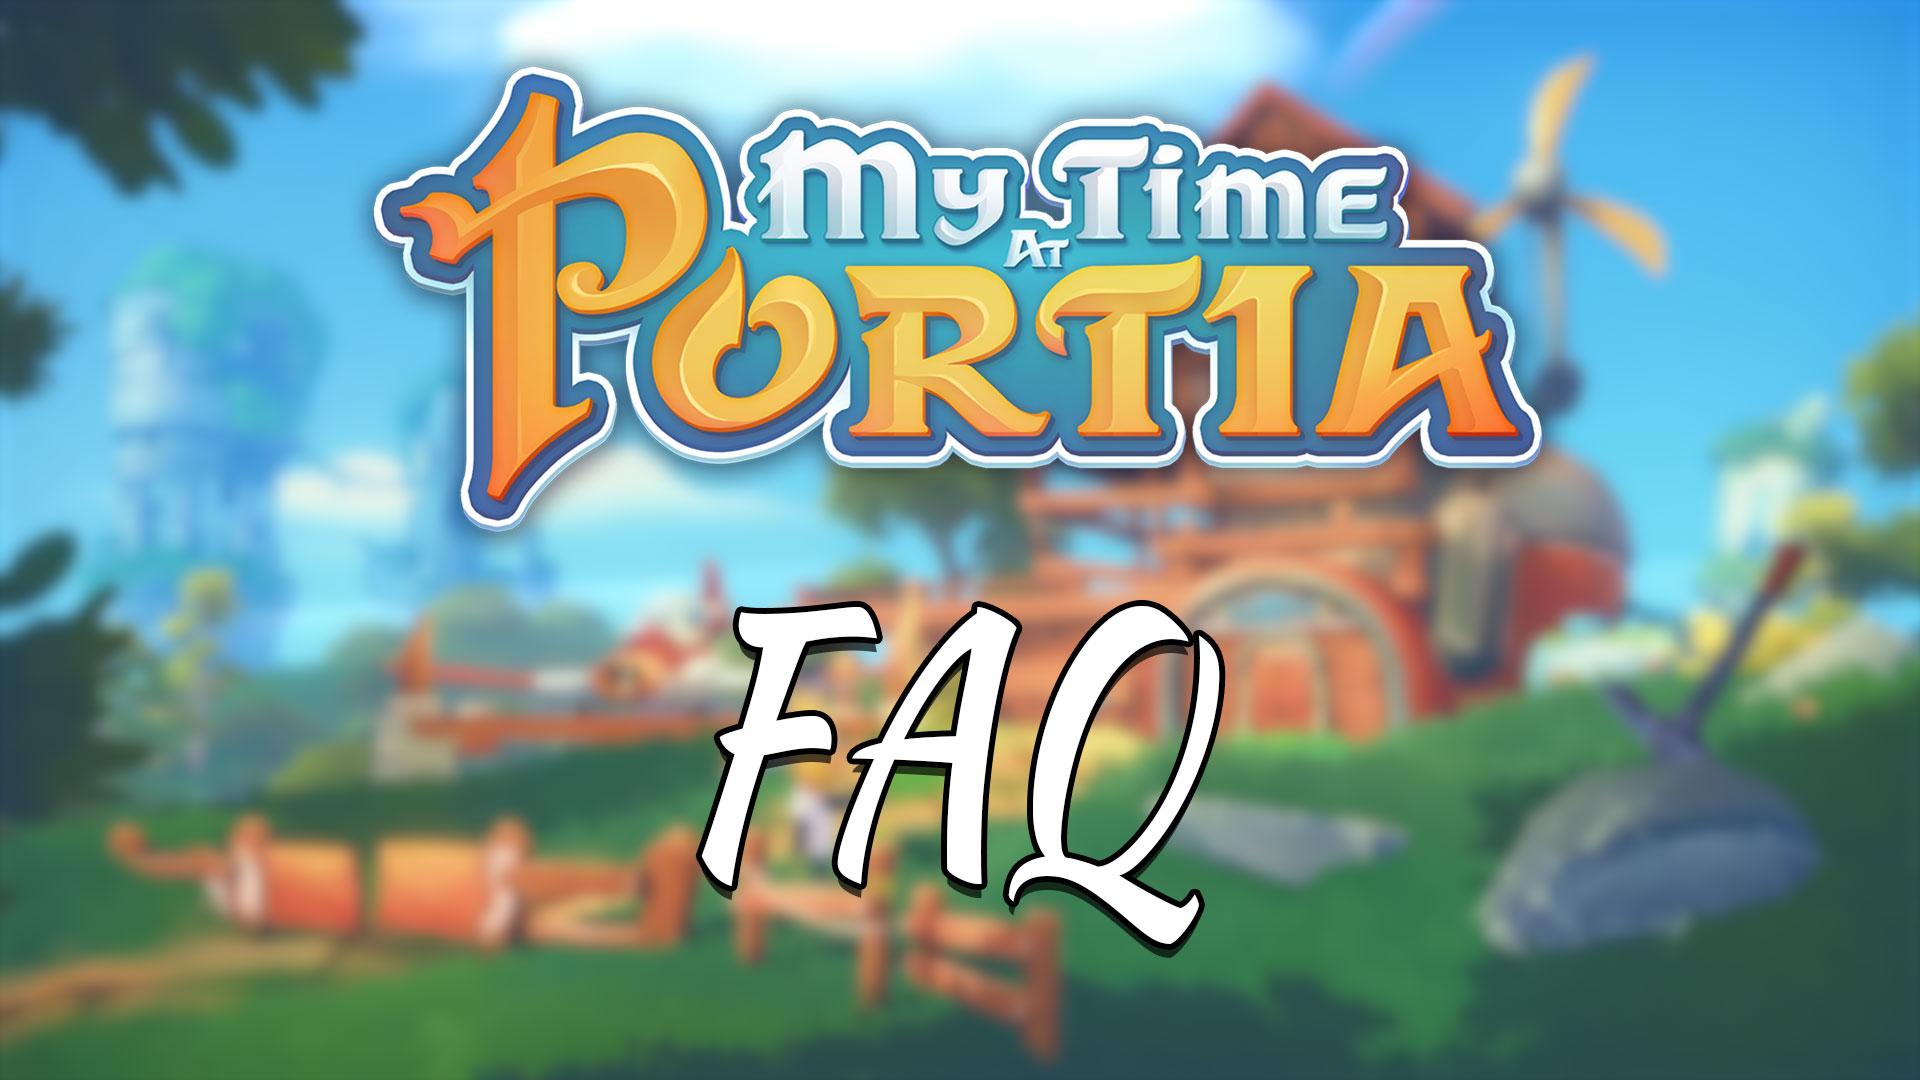 My Time At Portia Faq Team17 Group Plc